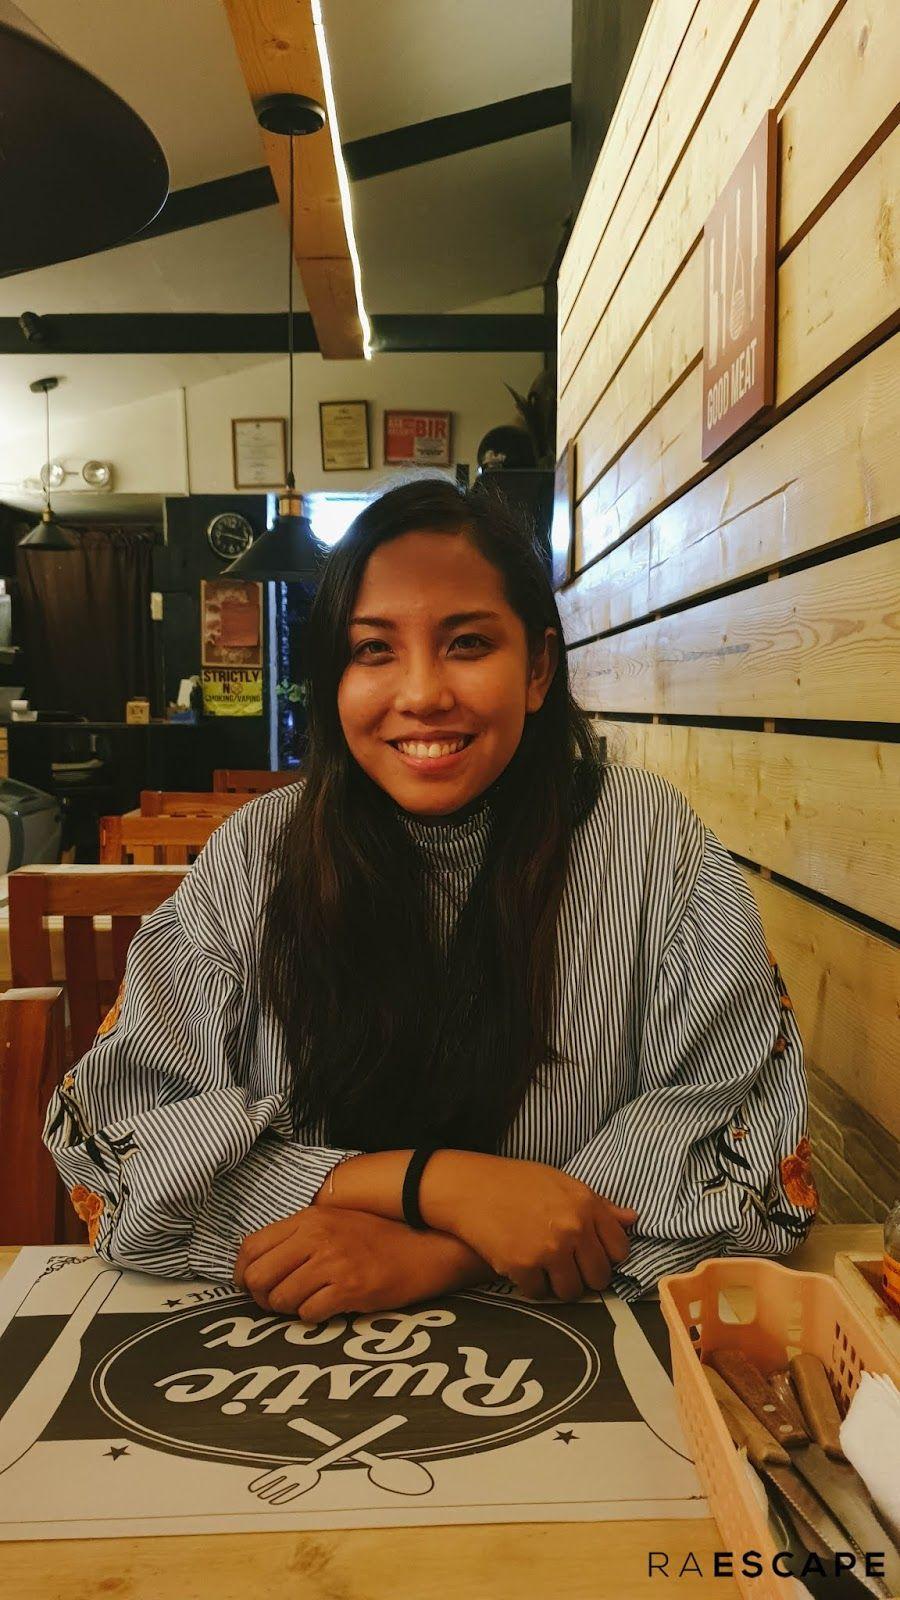 Baguio City dating site grenzen in de Christelijke dating relaties